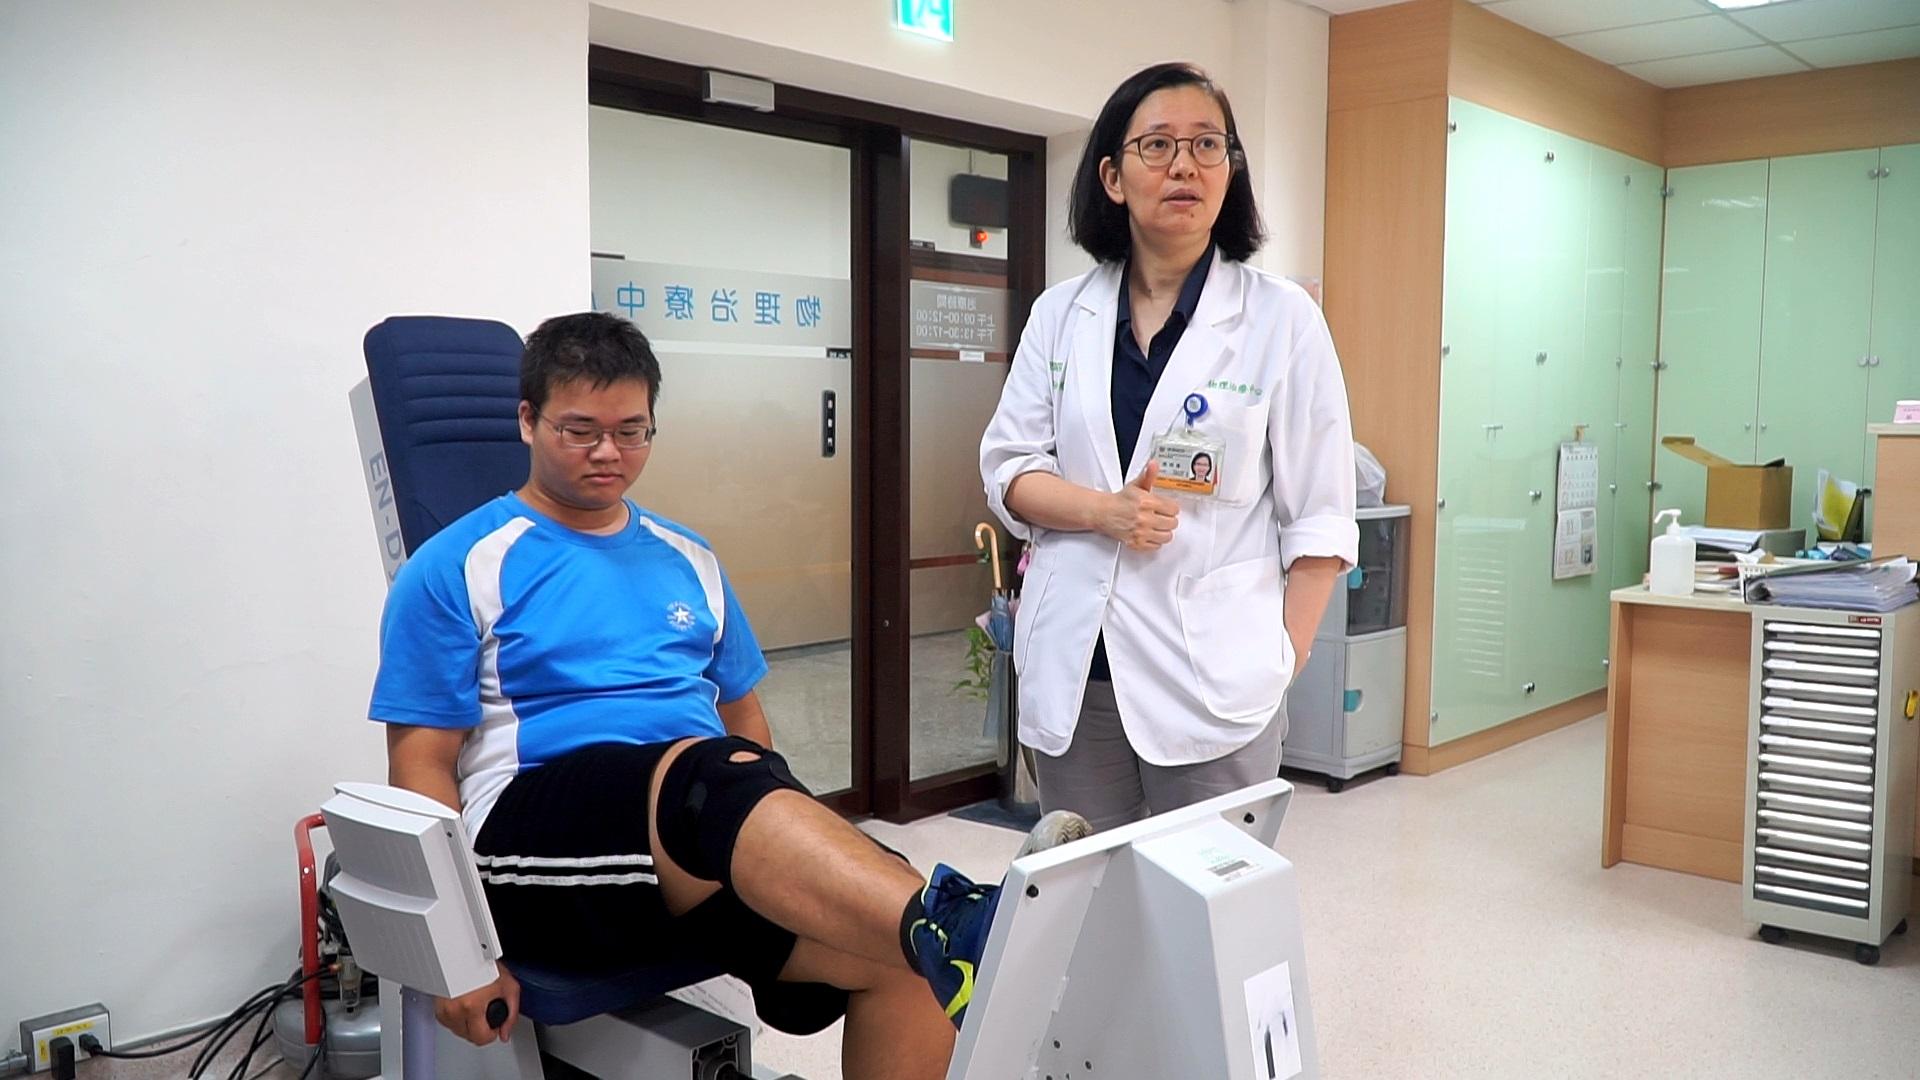 物理治療師協助民眾進行器材的復健訓練,並說明訓練的目的與作用。 攝影/周楚